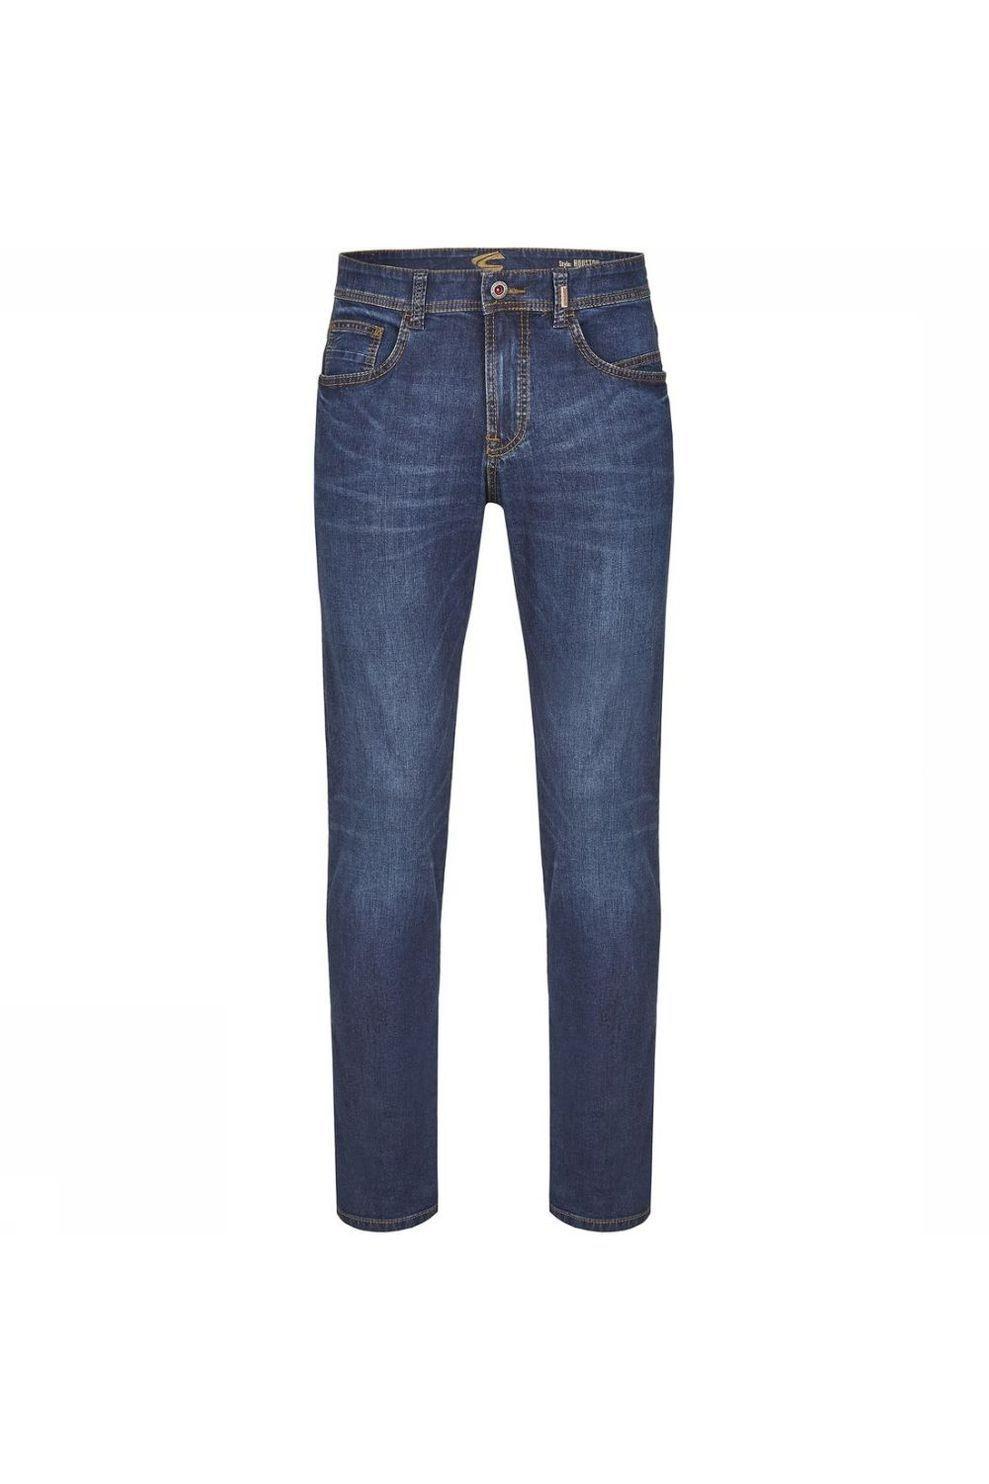 camel active Jeans 5-Pocket Houston voor heren - Blauw - Maat: 40/34